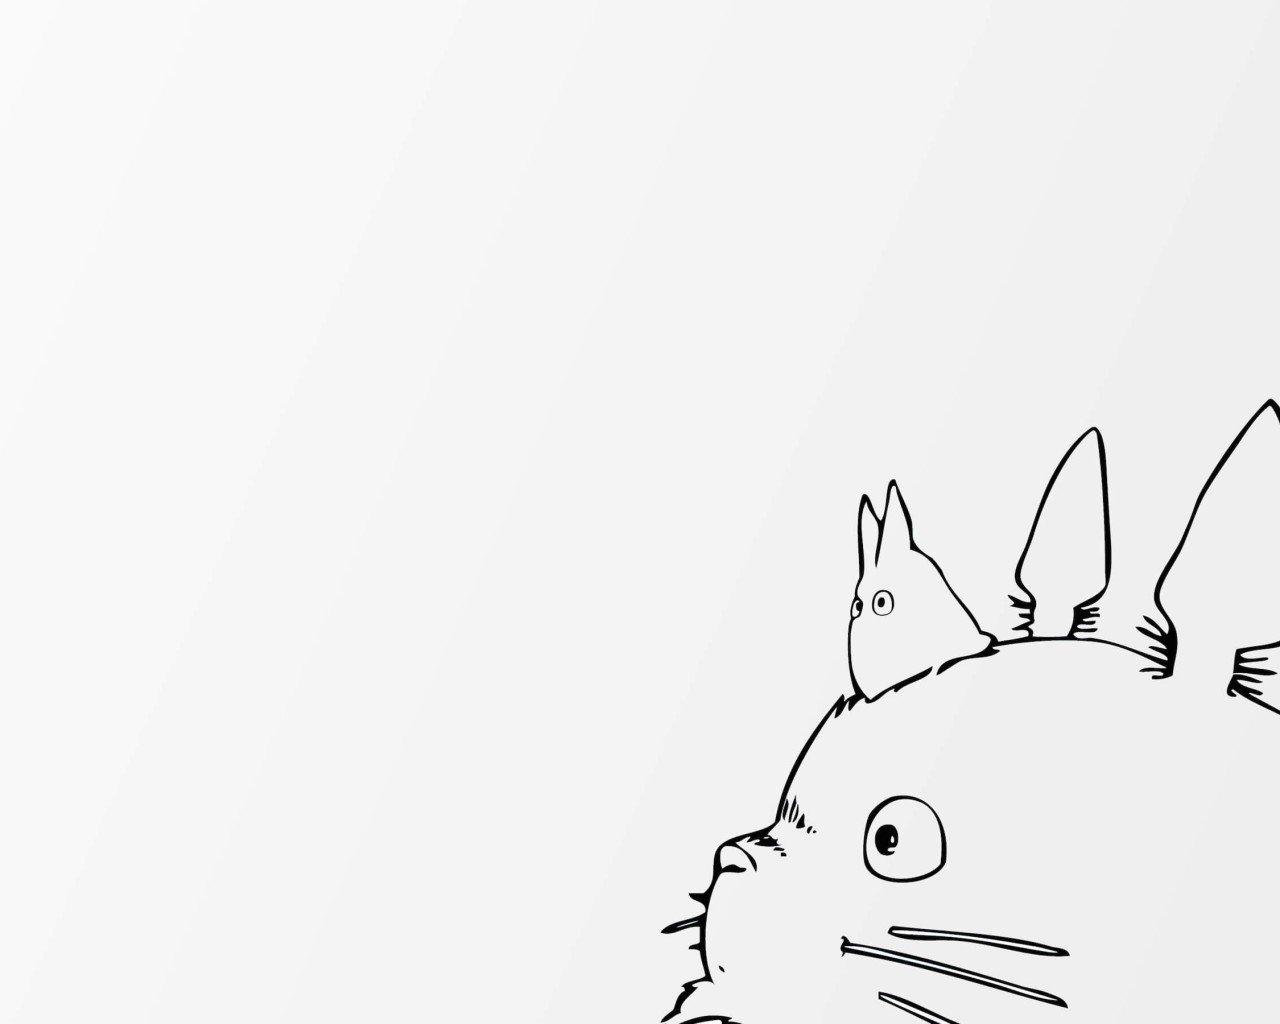 デスクトップ壁紙 1280x1024ピクセル アニメ となりのトトロ